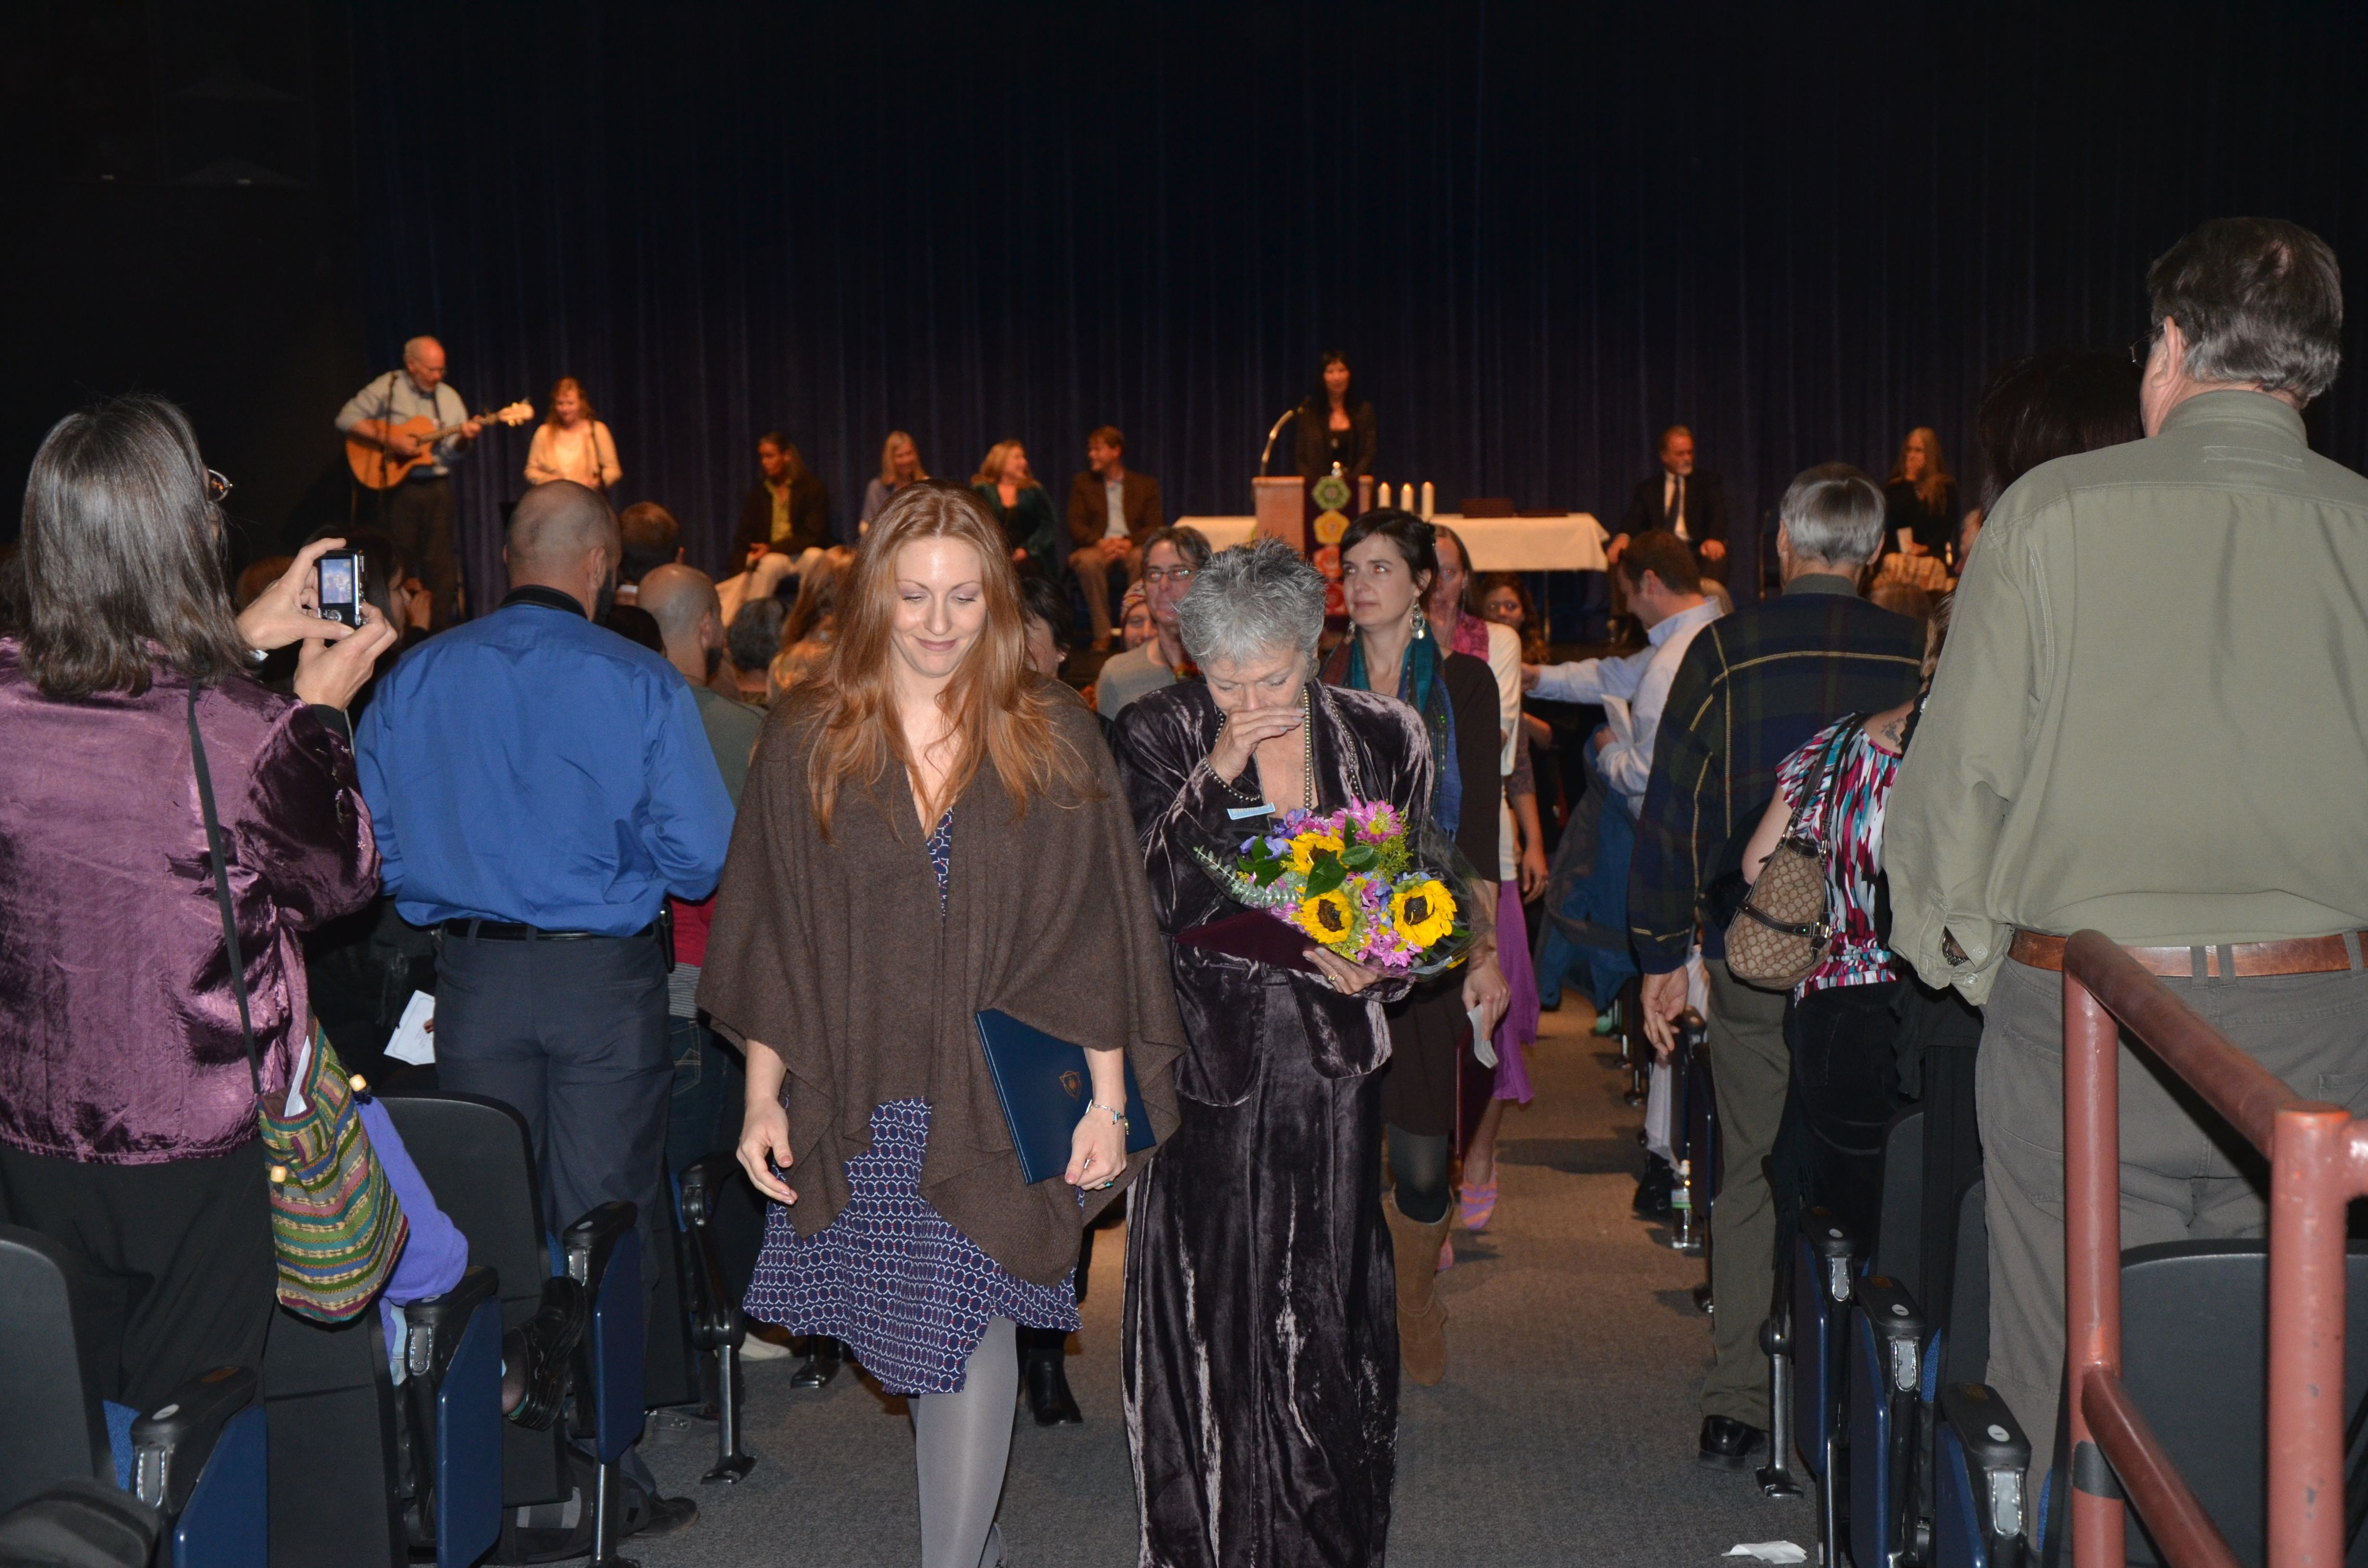 2012 Southwestern College graduation ceremony. www.swc.edu